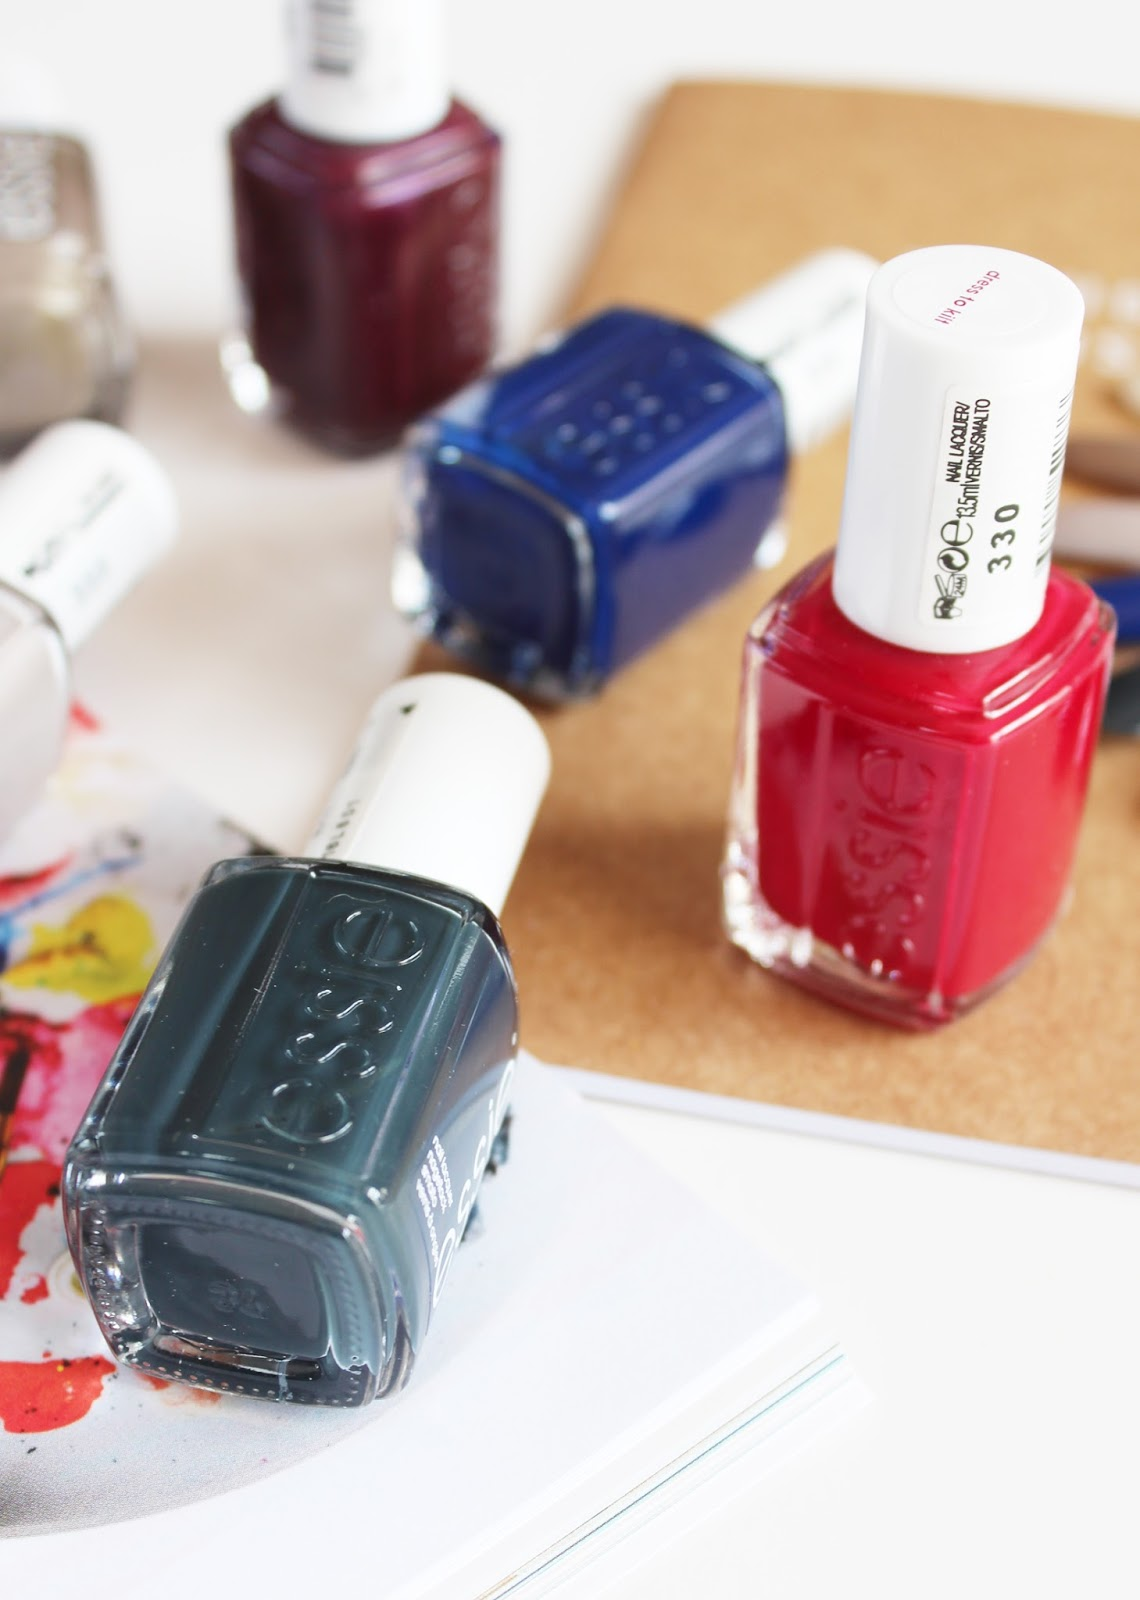 ESSIE HAUL [Yes, I Bought More Nail Polish...] - CassandraMyee